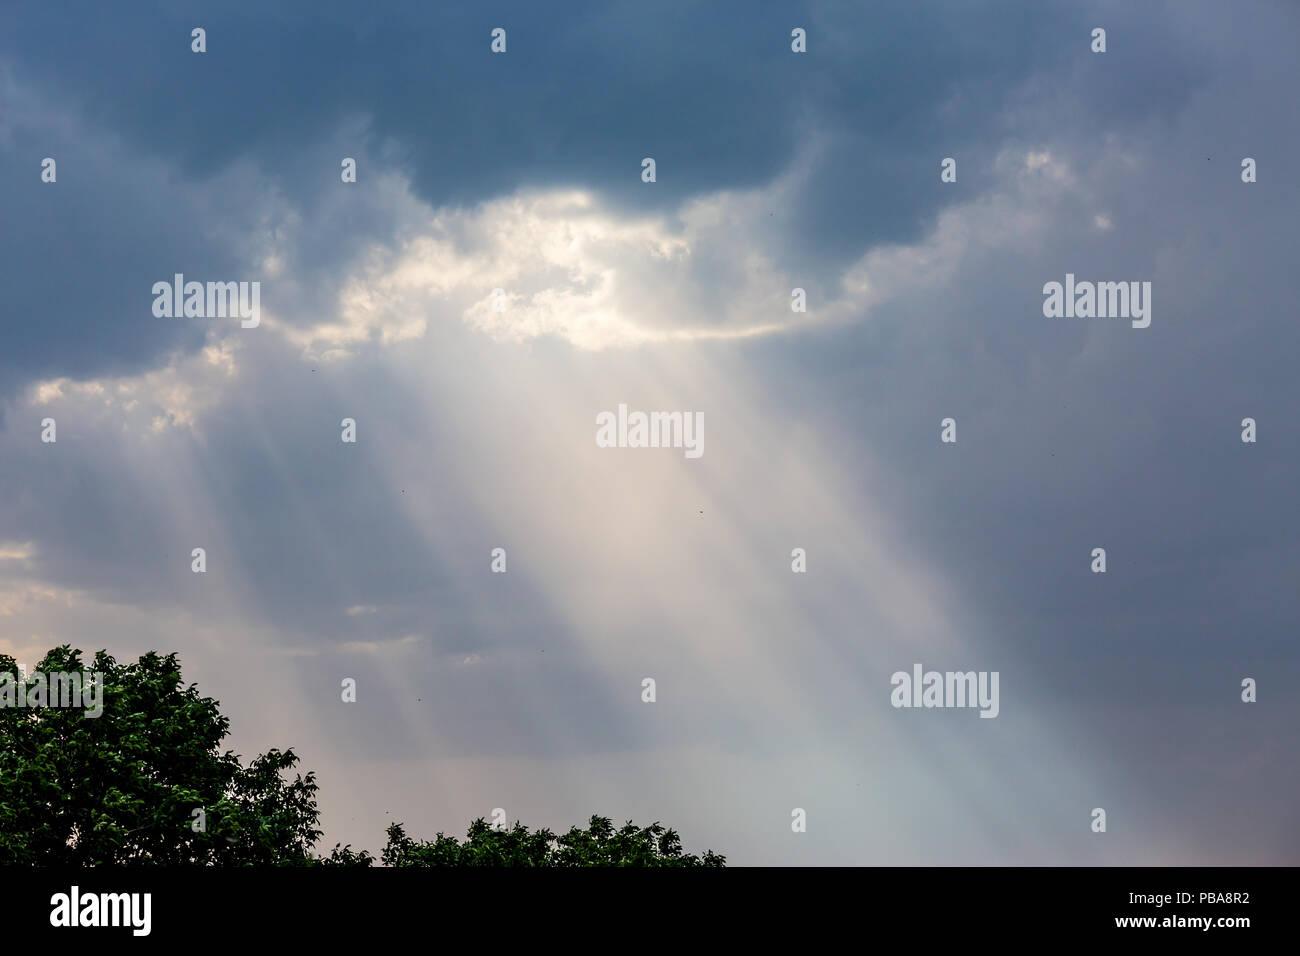 Raggi di luci proveniente attraverso le nuvole scure appena prima di heavy rain, luce divina dal cielo Immagini Stock